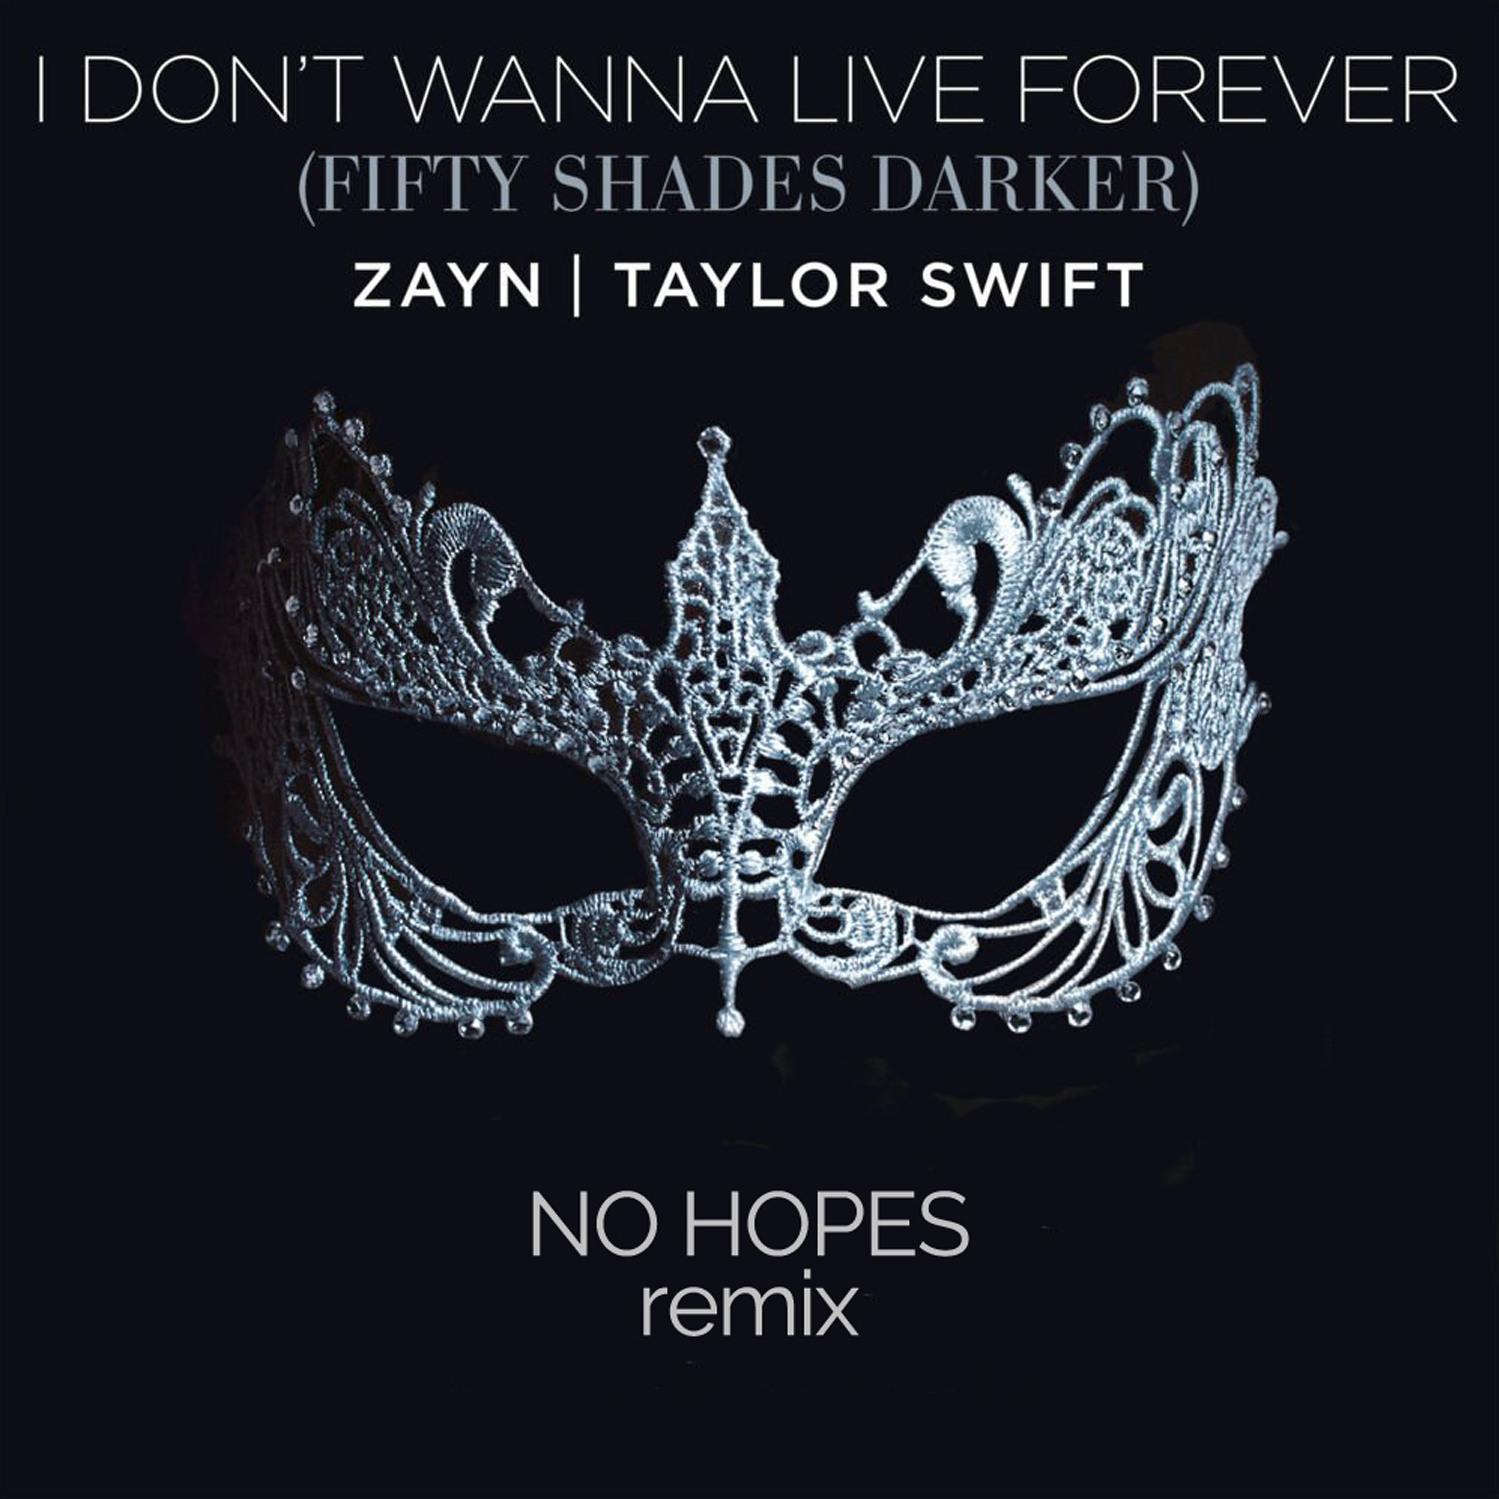 скачат музыку no hopes